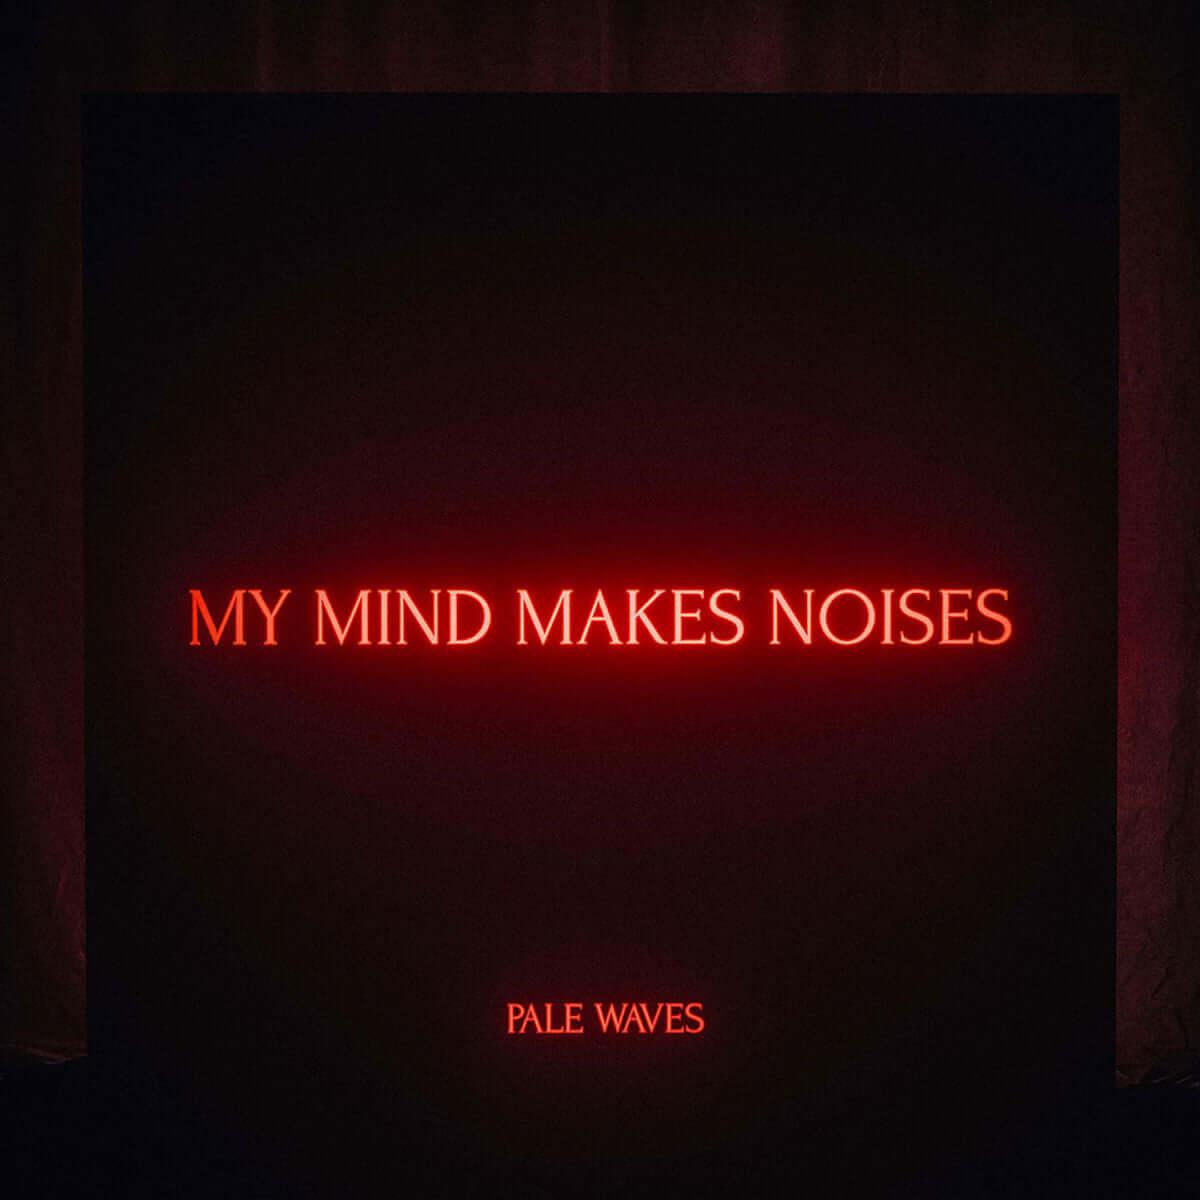 ペール・ウェーヴス、デビューアルバムが発売!iTunes JPオルタナチャート1位で喜びのコメント music180914_palewaves_01-1200x1200